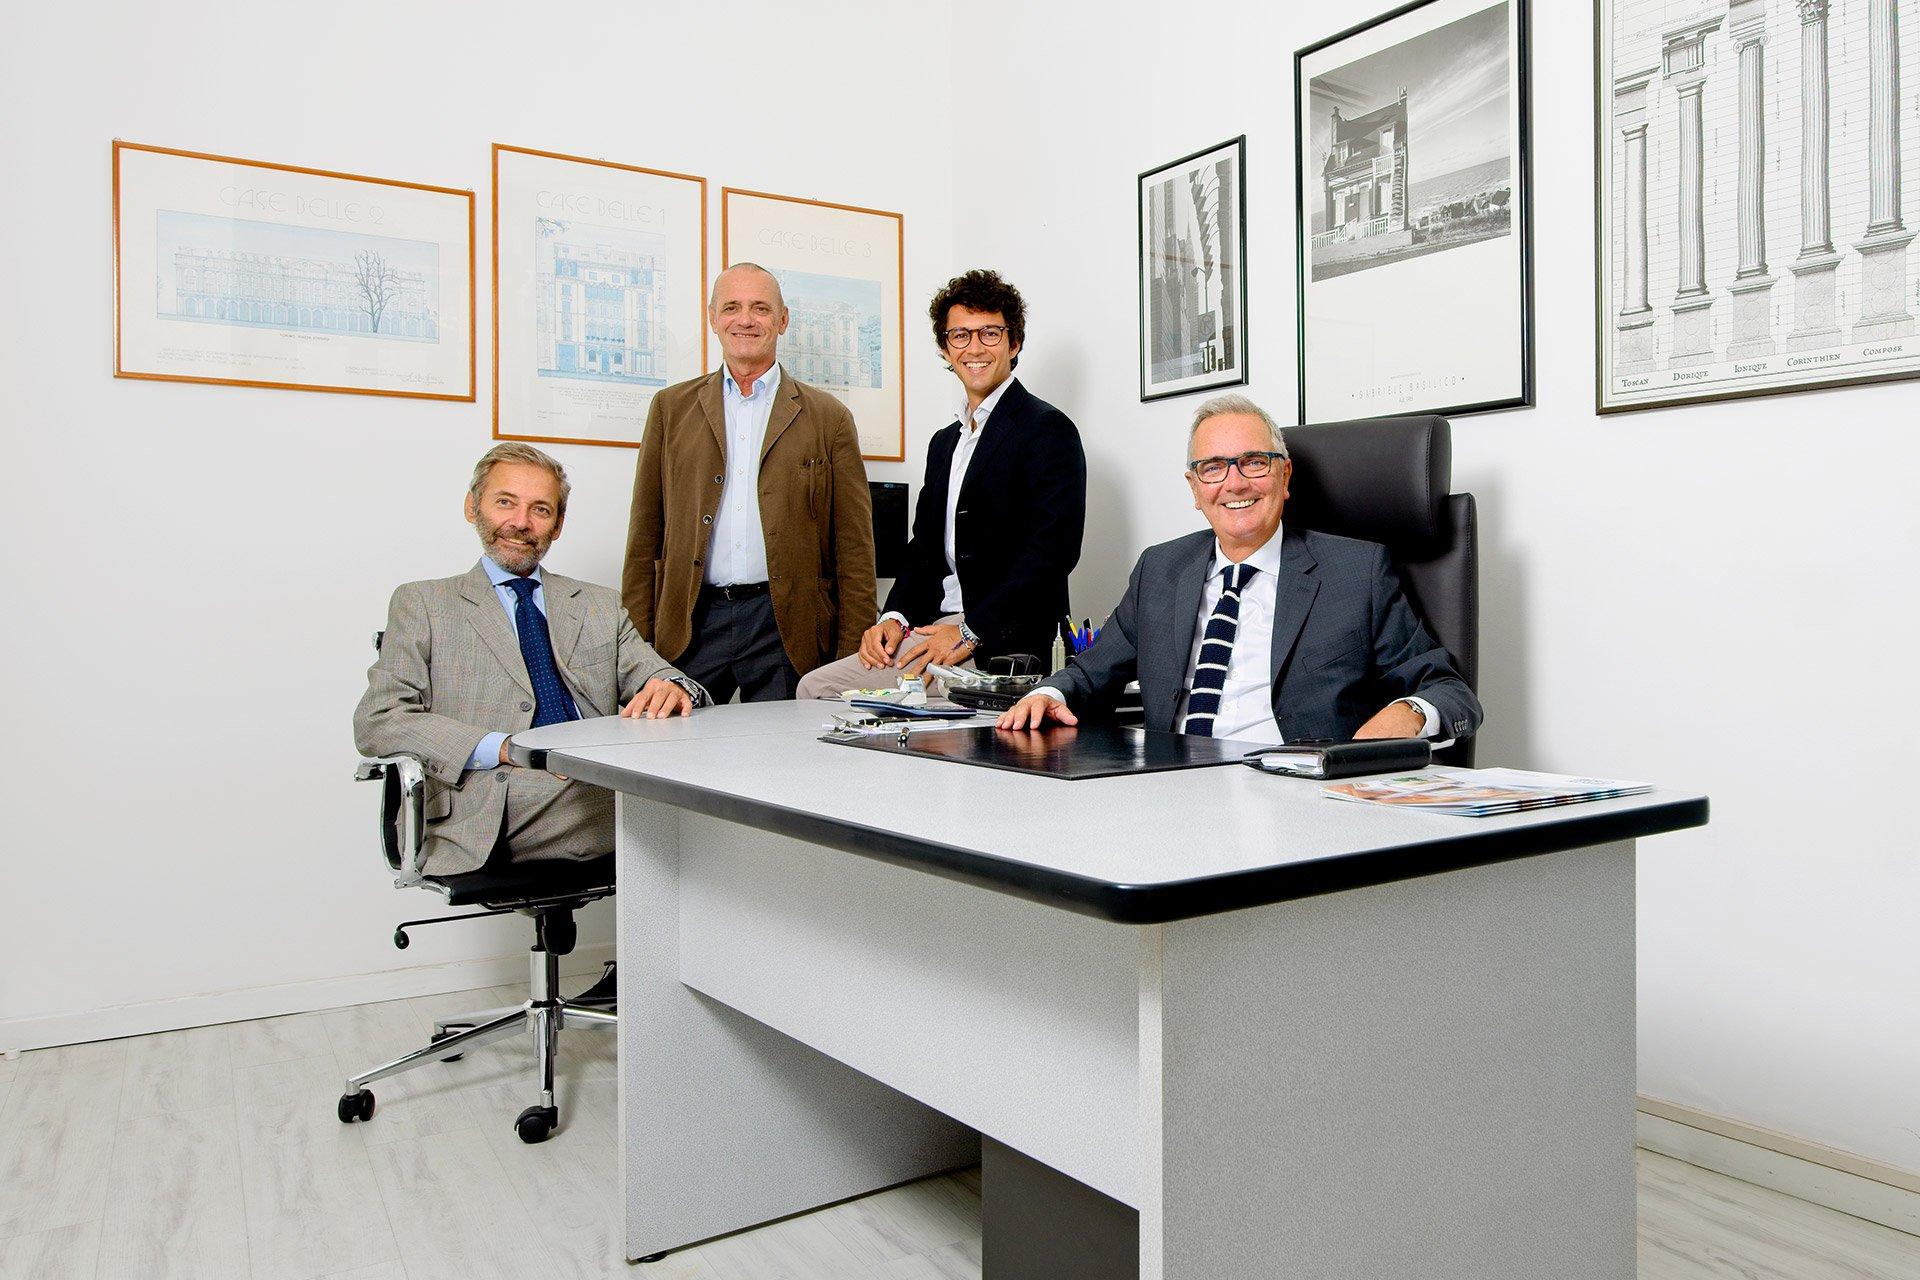 team di capital case esperto nella valutazione di immobili